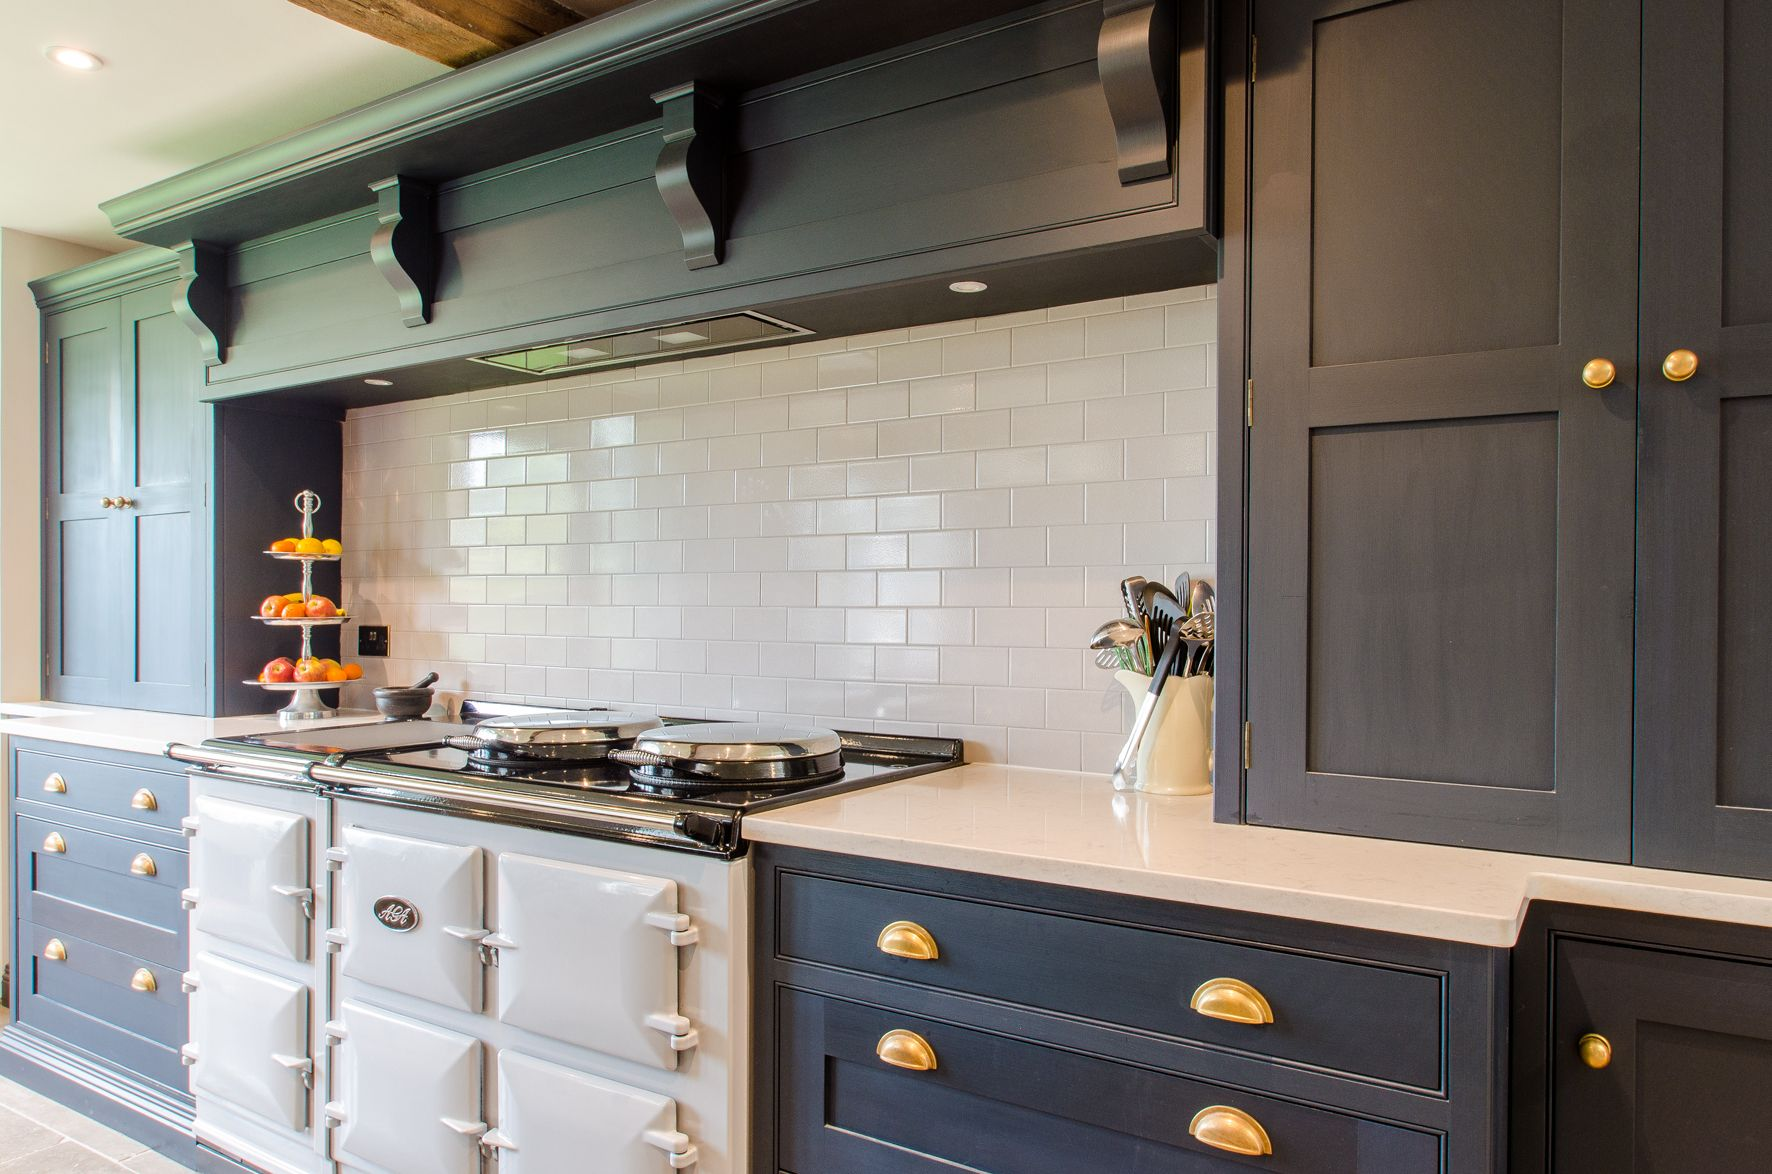 Farrow And Ball Railings Dark Kitchen Made In Kent Aga Brass Hardware Quartz Worktop Aga Kitchen Kitchen Trends Kitchen